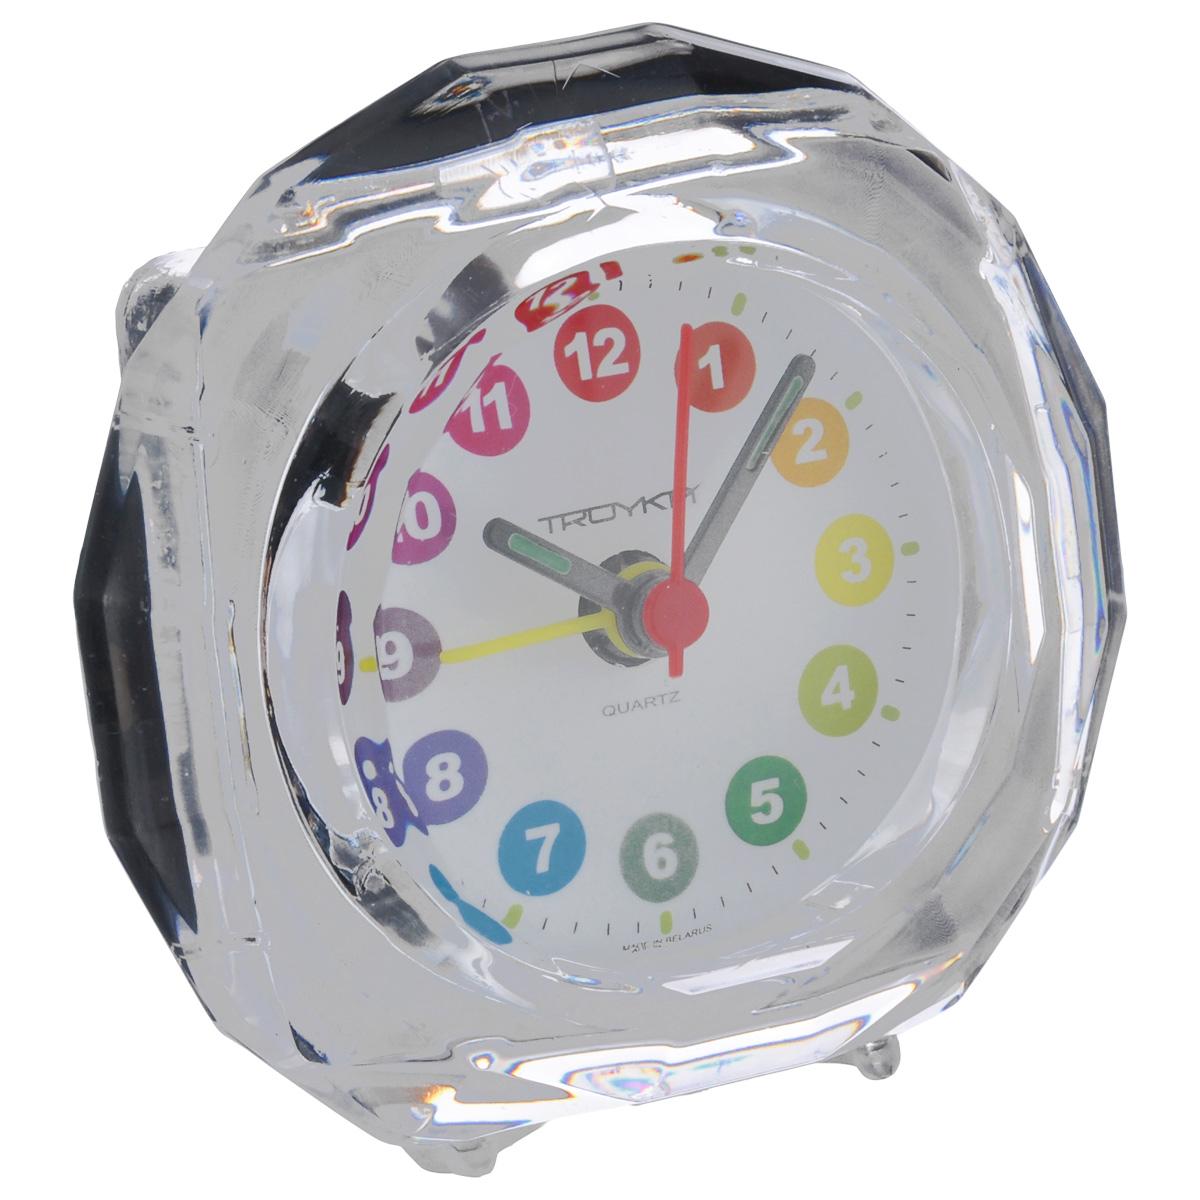 Будильник Troyka, цвет: прозрачный. 02.009VT-6606(BK)Будильник Troyka выполнен из стекла и пластика. Он поможет вам просыпаться по утрам и никуда не опаздывать.На задней панели будильника расположены переключатель включения/выключения механизма и два колесика для настройки текущего времени и времени звонка будильника. Будильник работает от 1 батарейки типа AA (не входит в комплект).